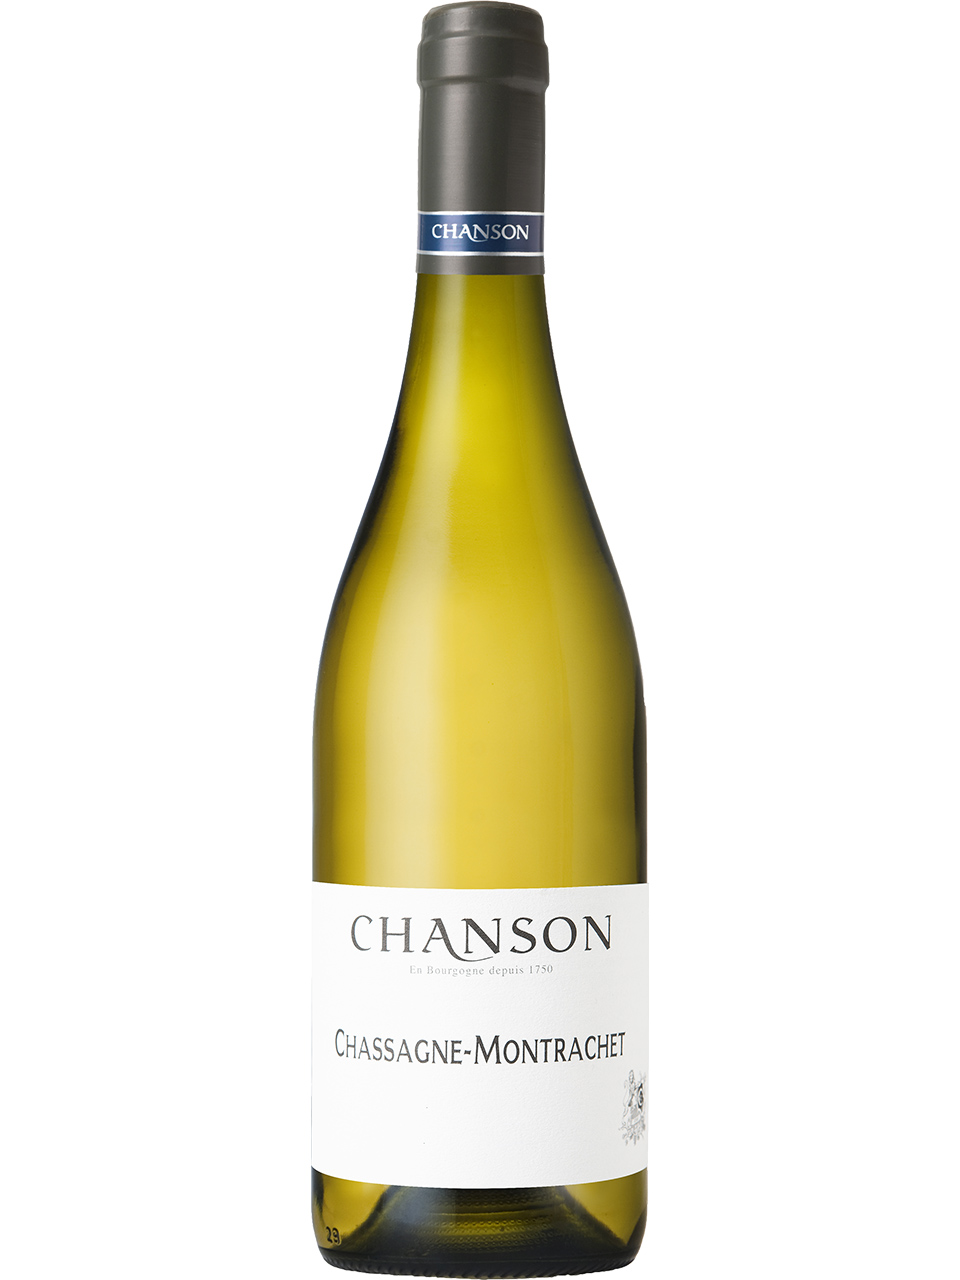 Chanson Chassagne Montrachet